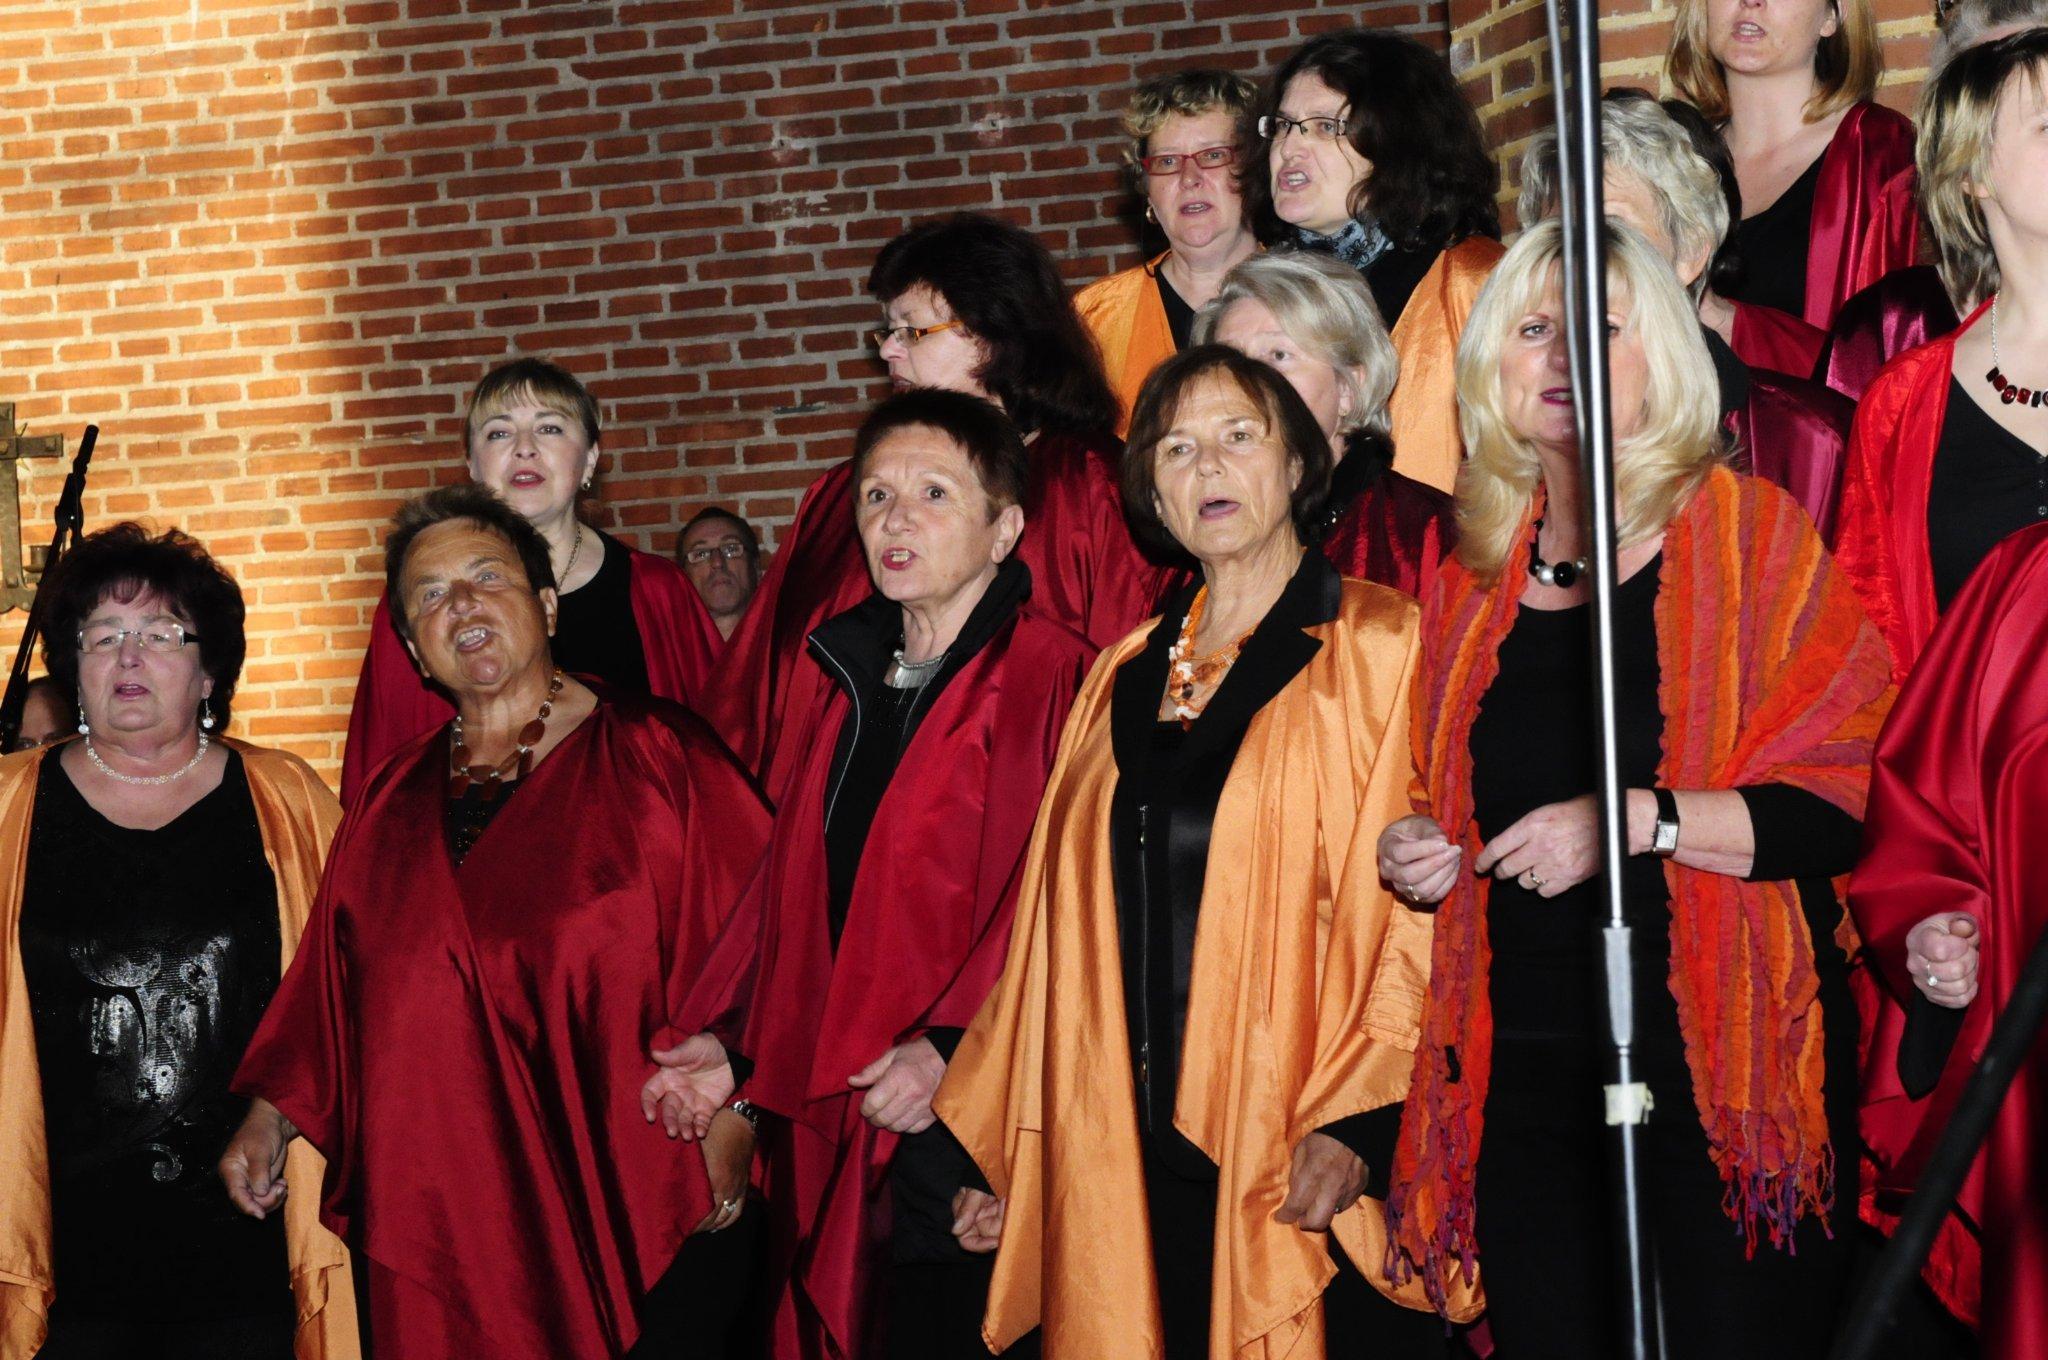 20120422 Reformations Gedaechtniskirche 26